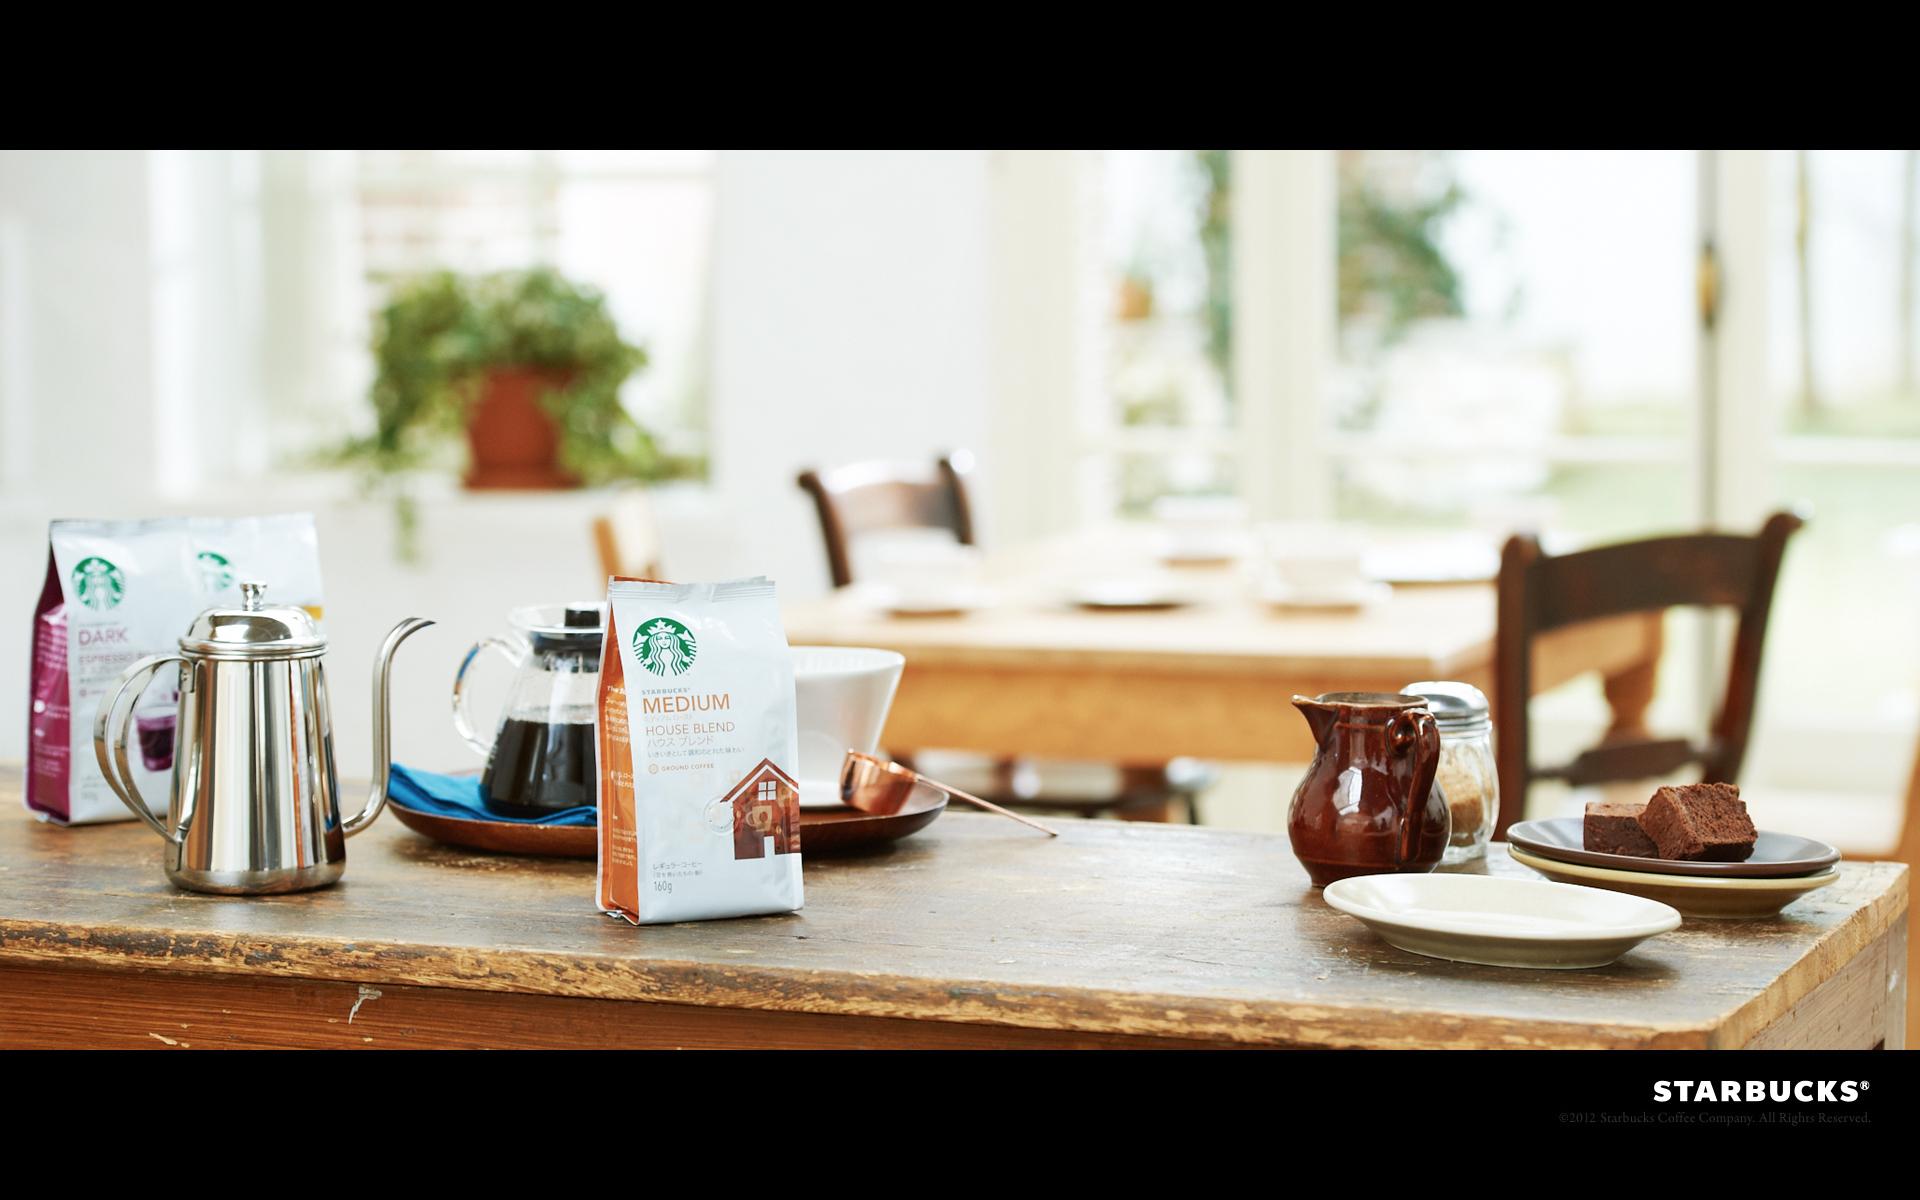 壁紙 待受 スターバックス コーヒー ジャパン